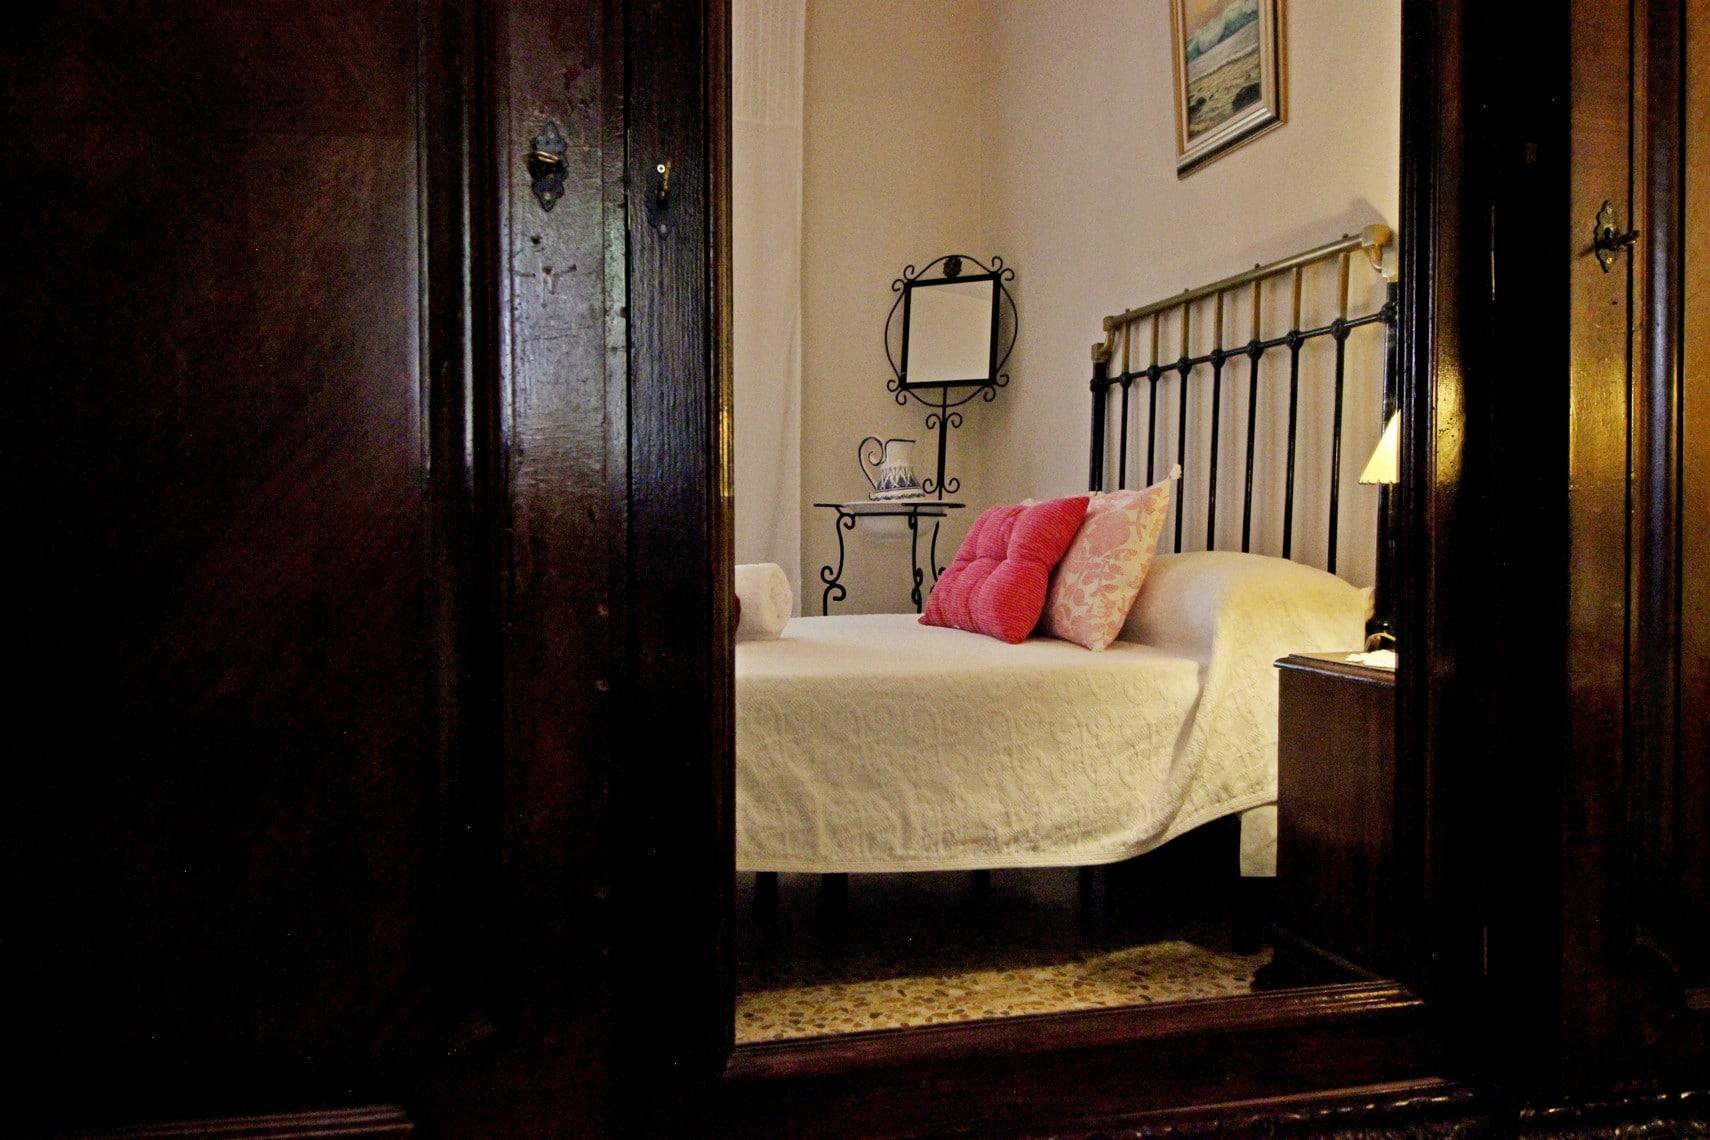 habitación5_las_hazas jarandilla016